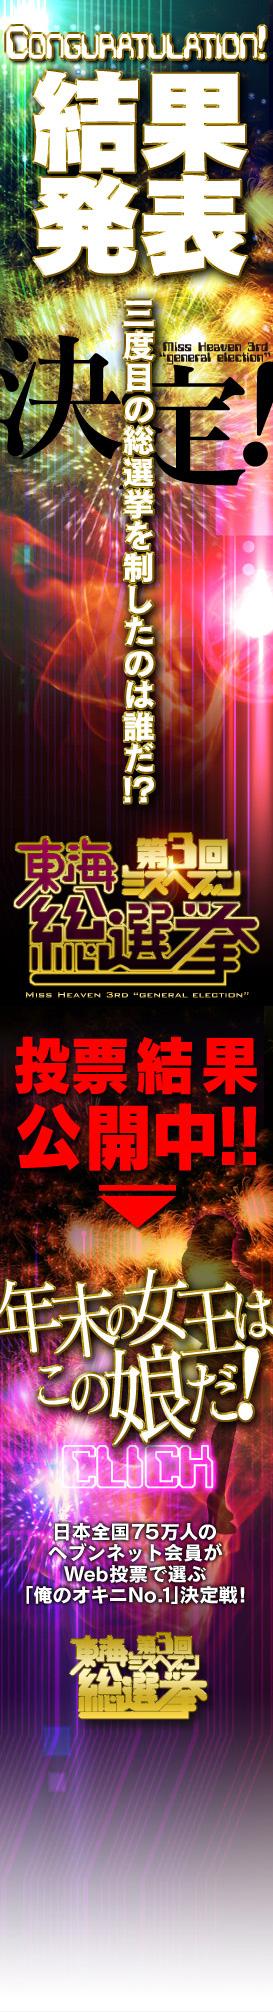 ①左 東海ミスヘブン総選挙2015_エリアトップ ヘブンジャックバナー